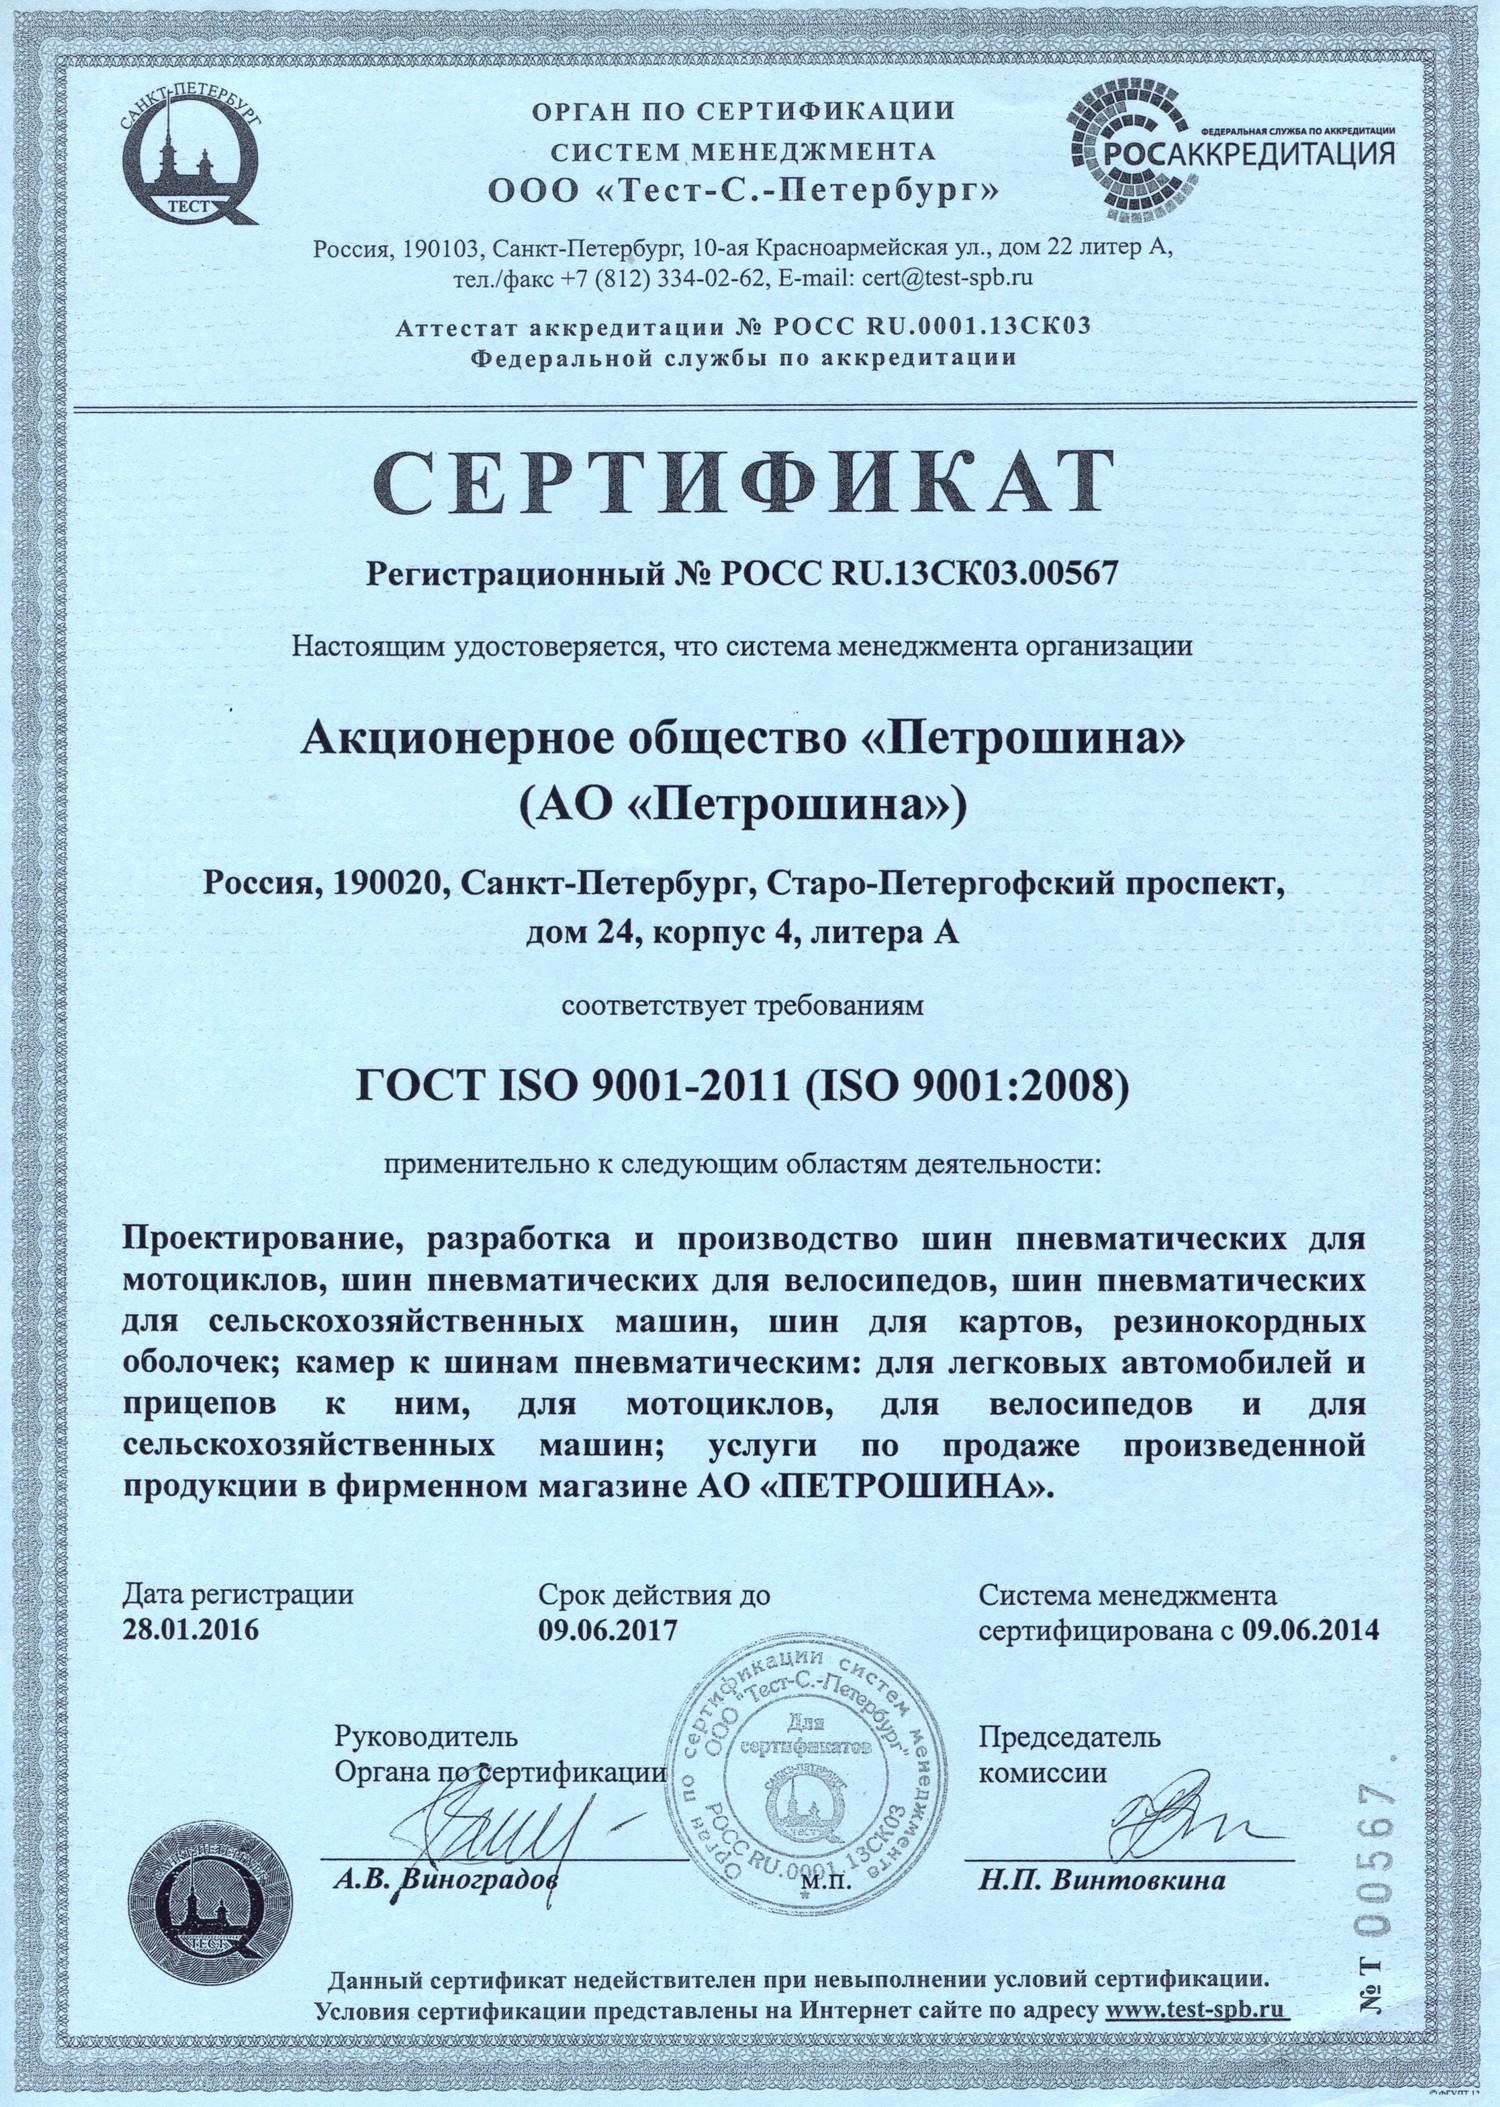 купить сертификат ИСО 9001 2017 в Щекино